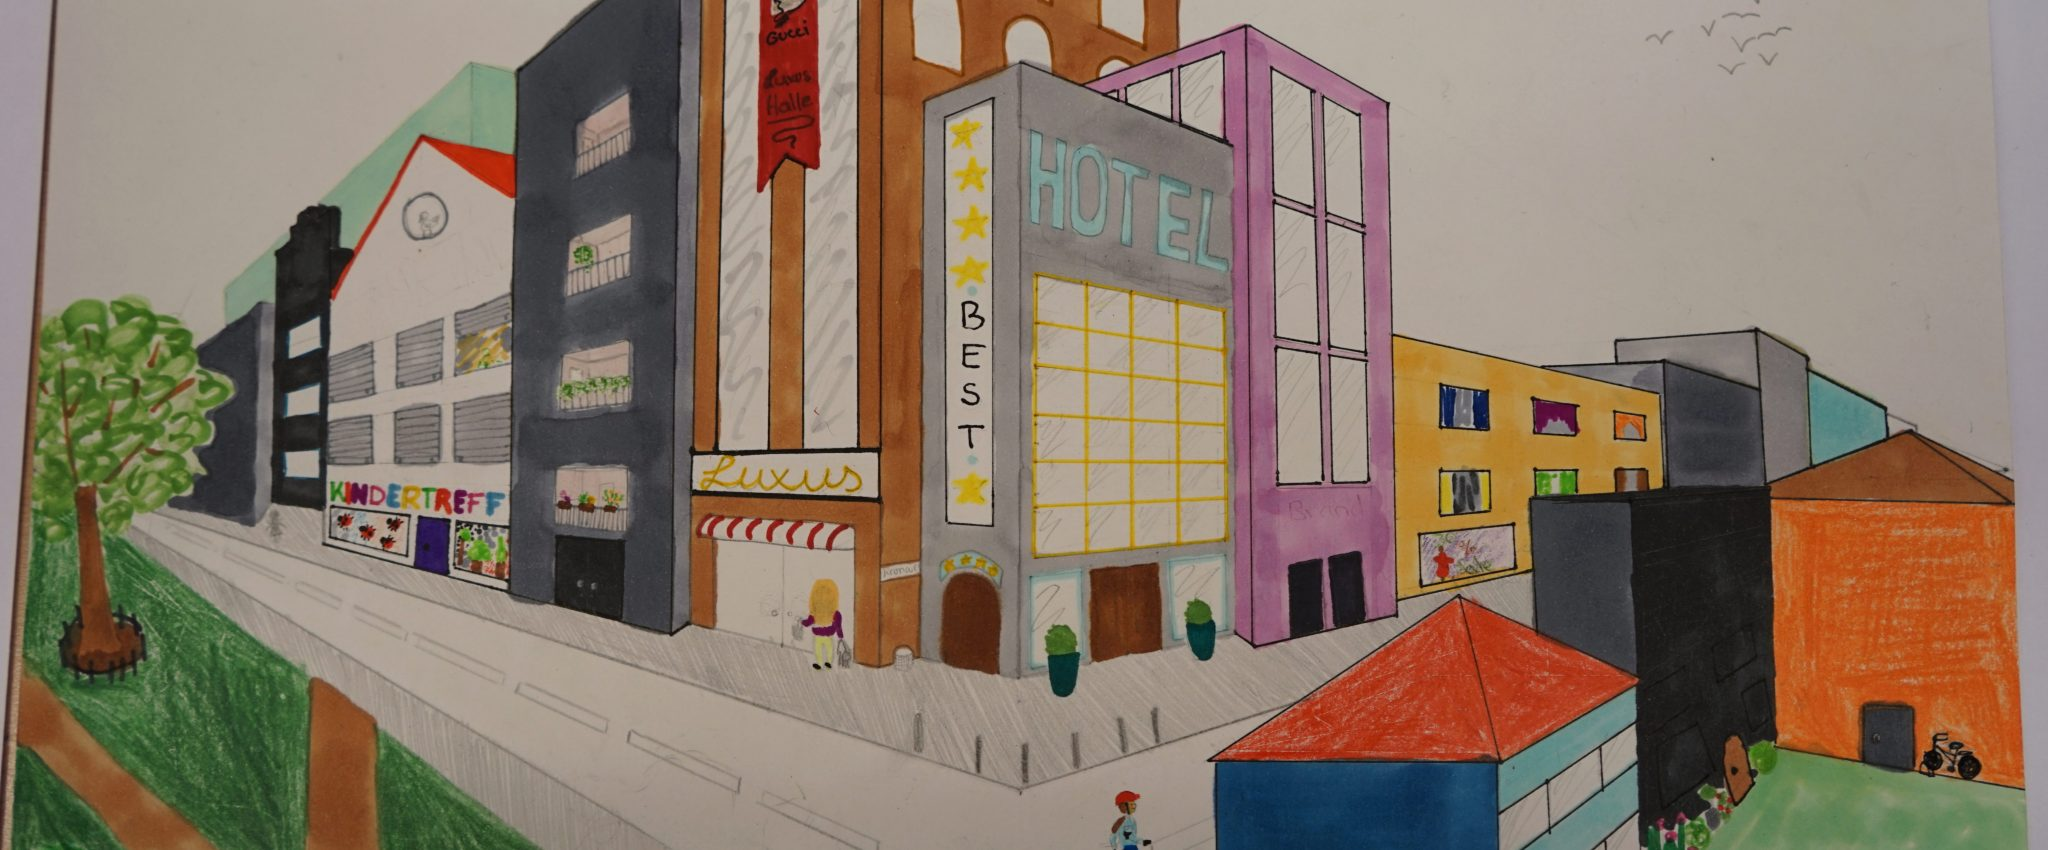 Kunst | Helene Lange Gymnasium Hamburg